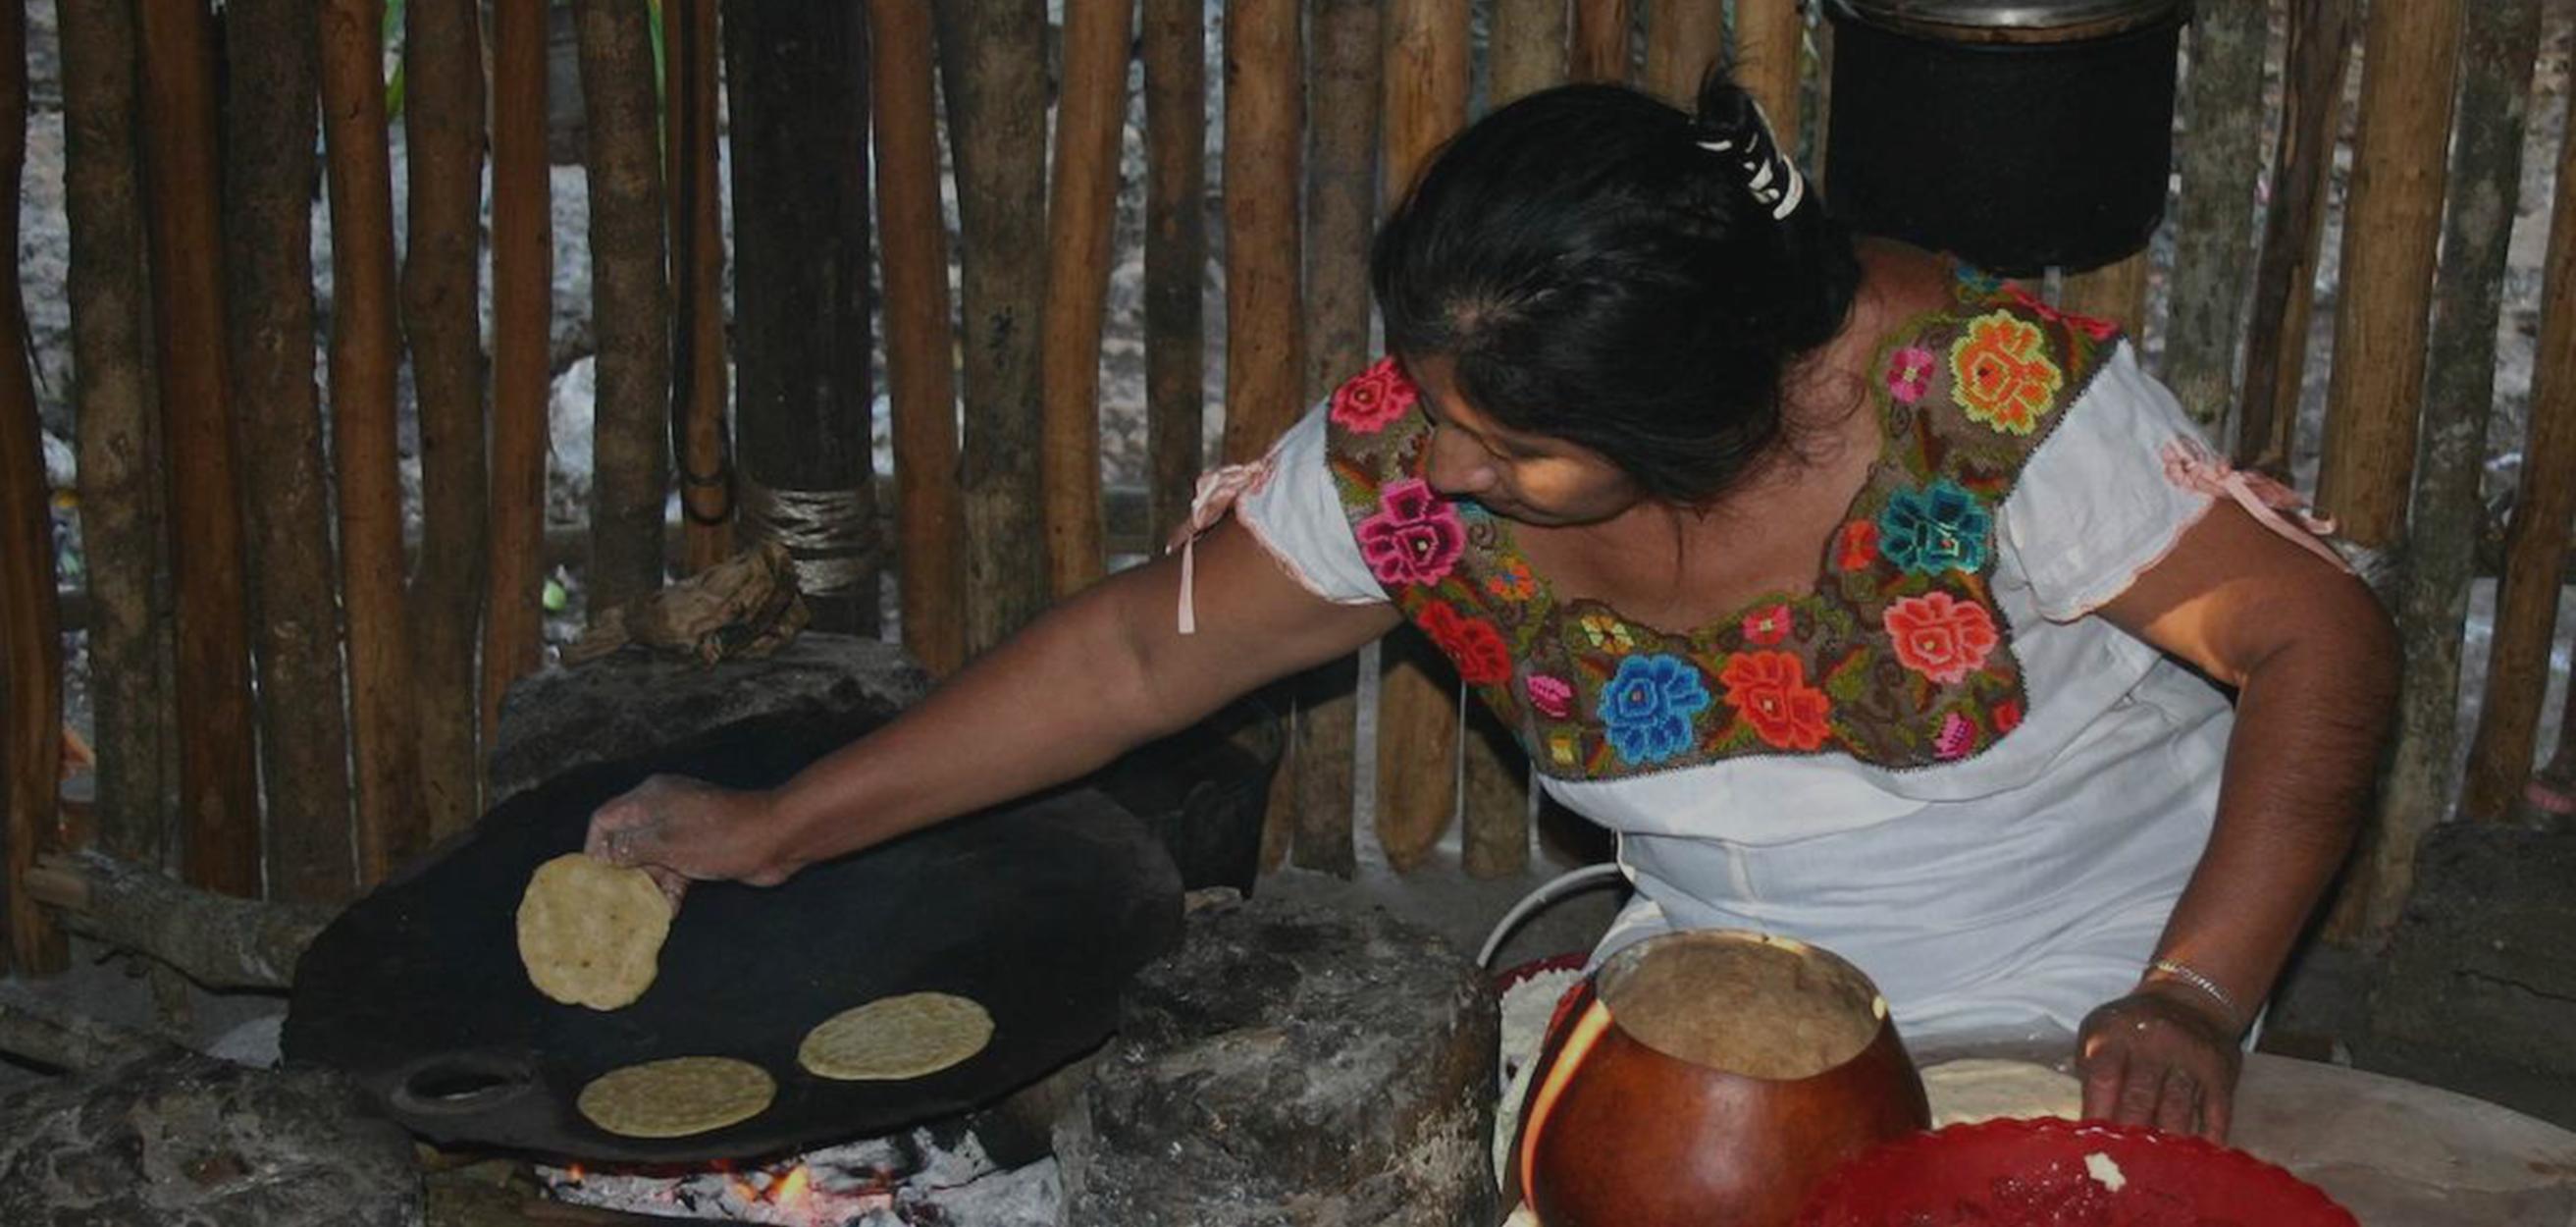 La cerámica indígena y la cocina